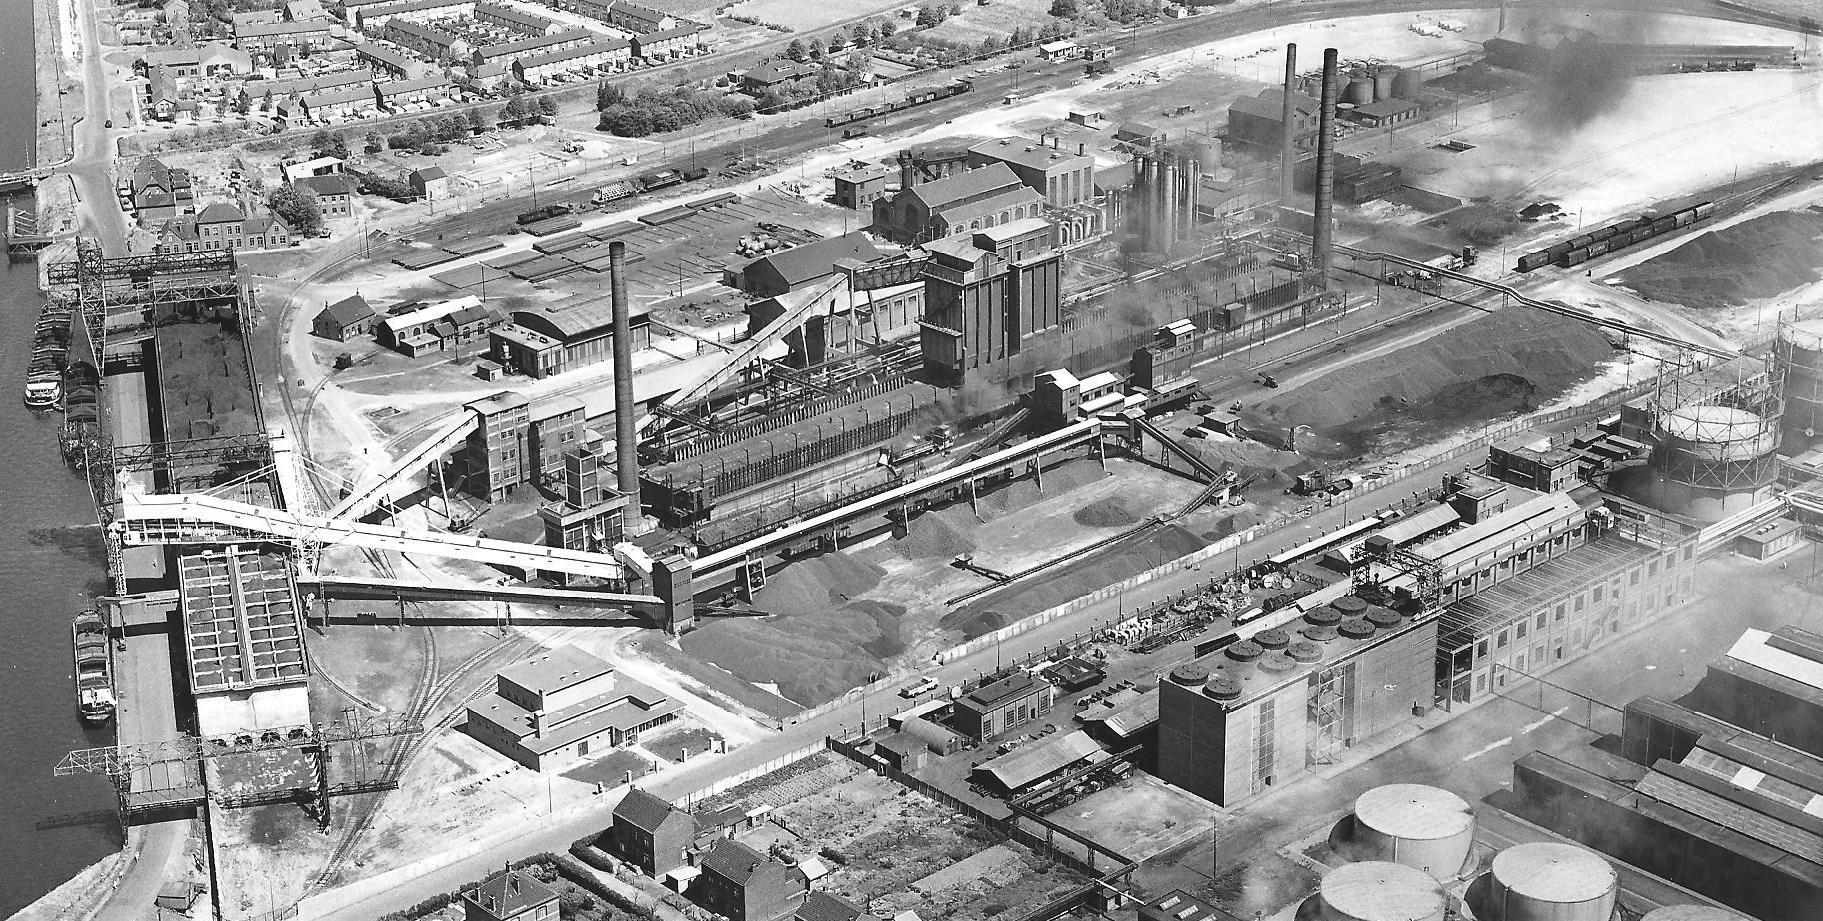 De cokesfabriek in 1964. (Zeeuws Archief, archief Cokesfabriek ACZC)